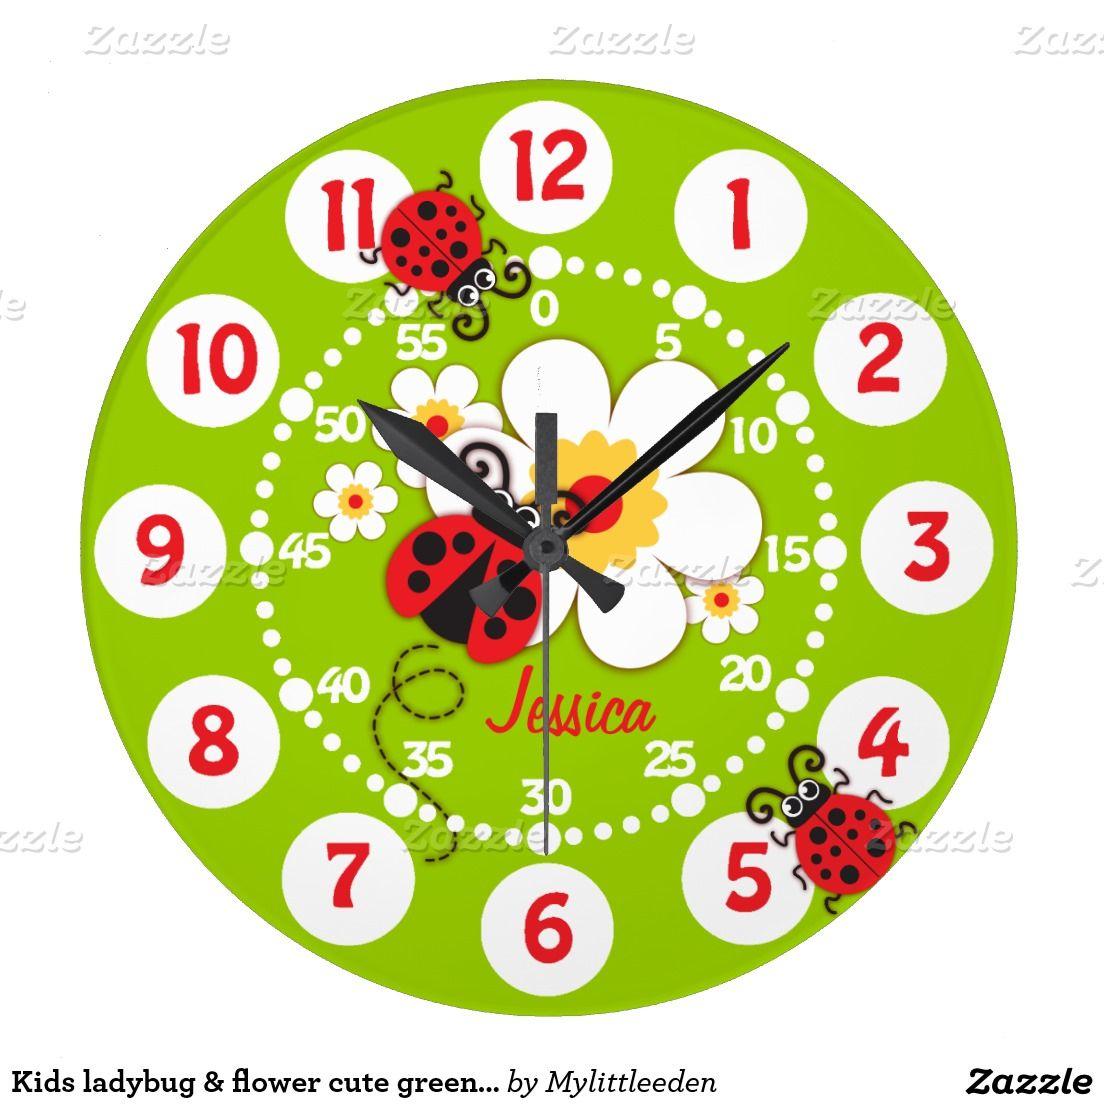 Cute Ladybug Gifts - Cute Ladybug Gift Ideas on Zazzle